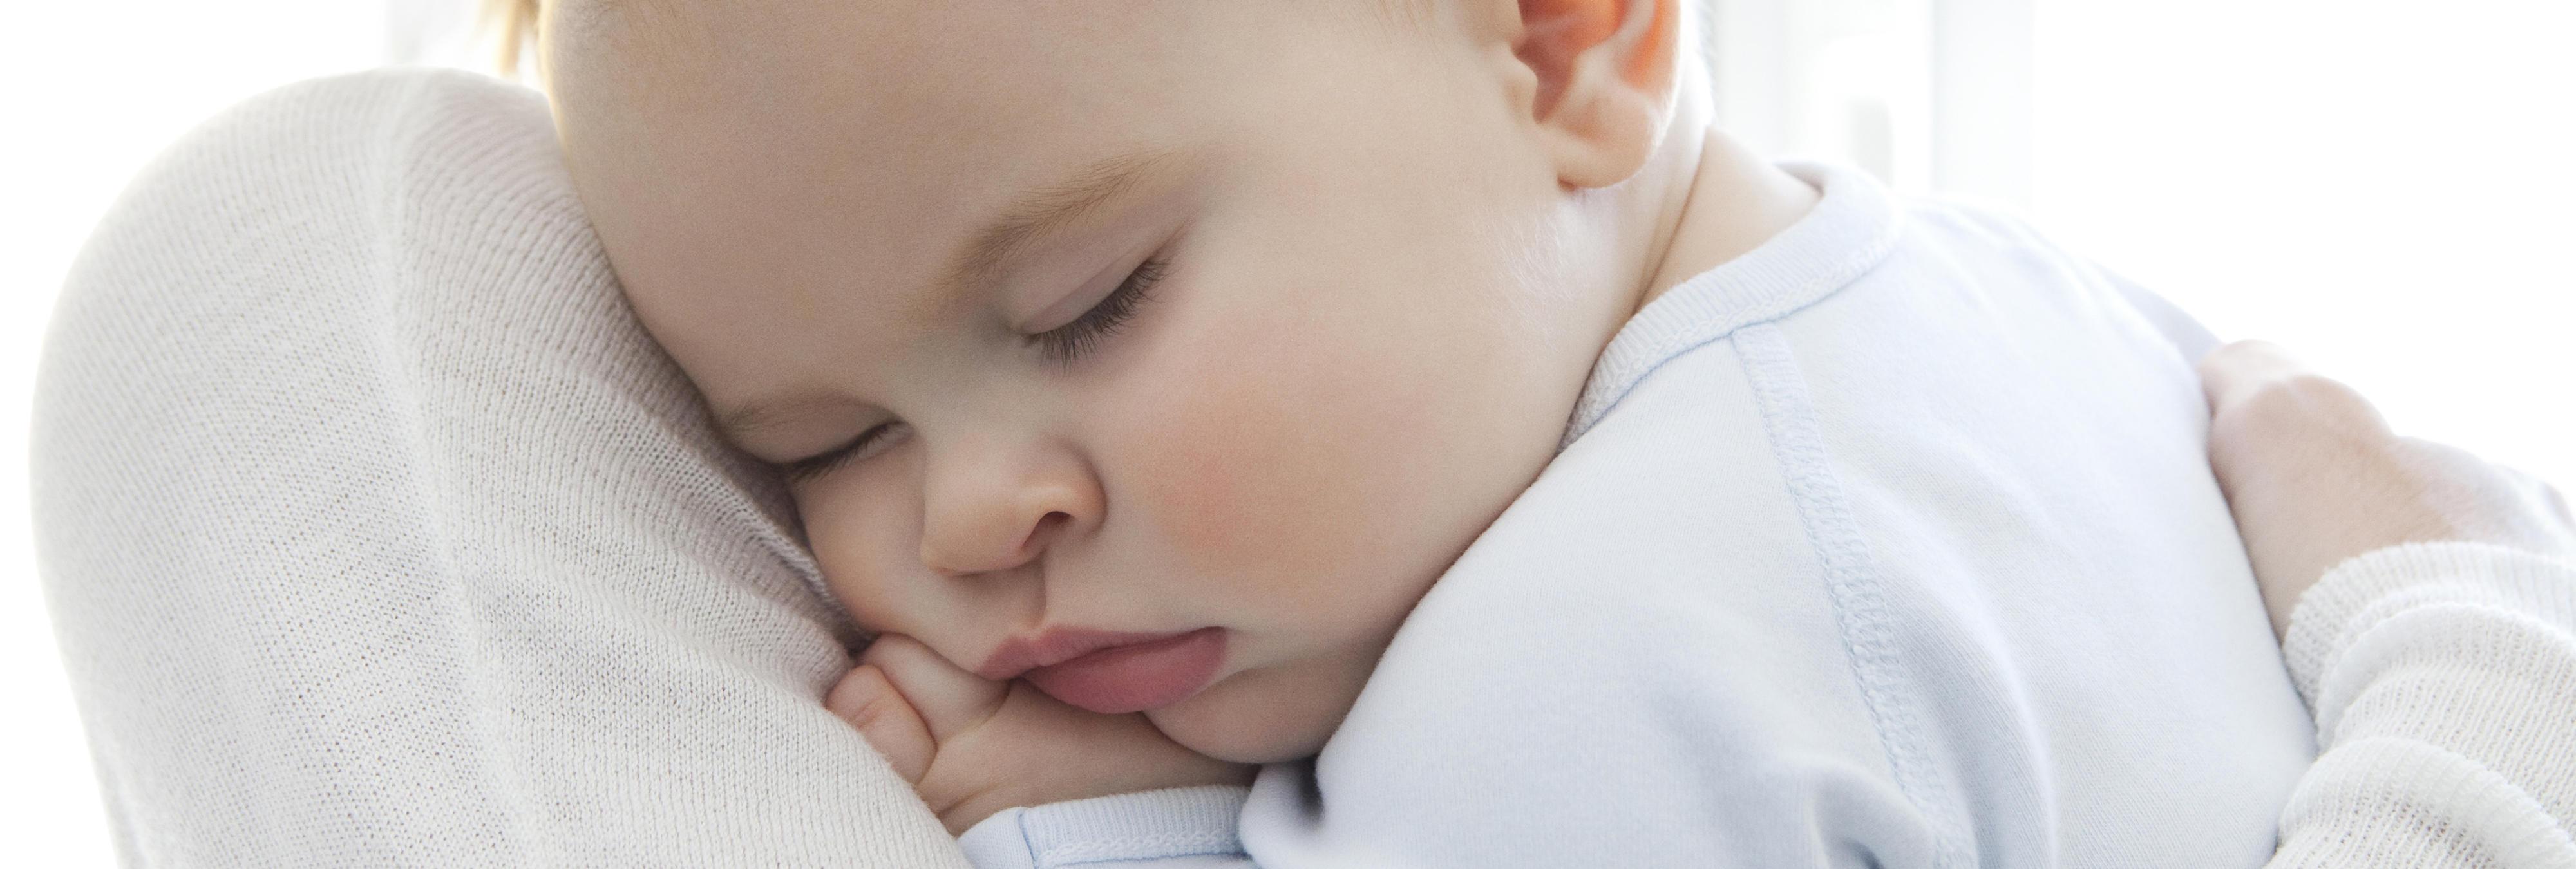 Un juez elegirá el nombre de un bebé porque sus padres quieren llamarlo Lobo